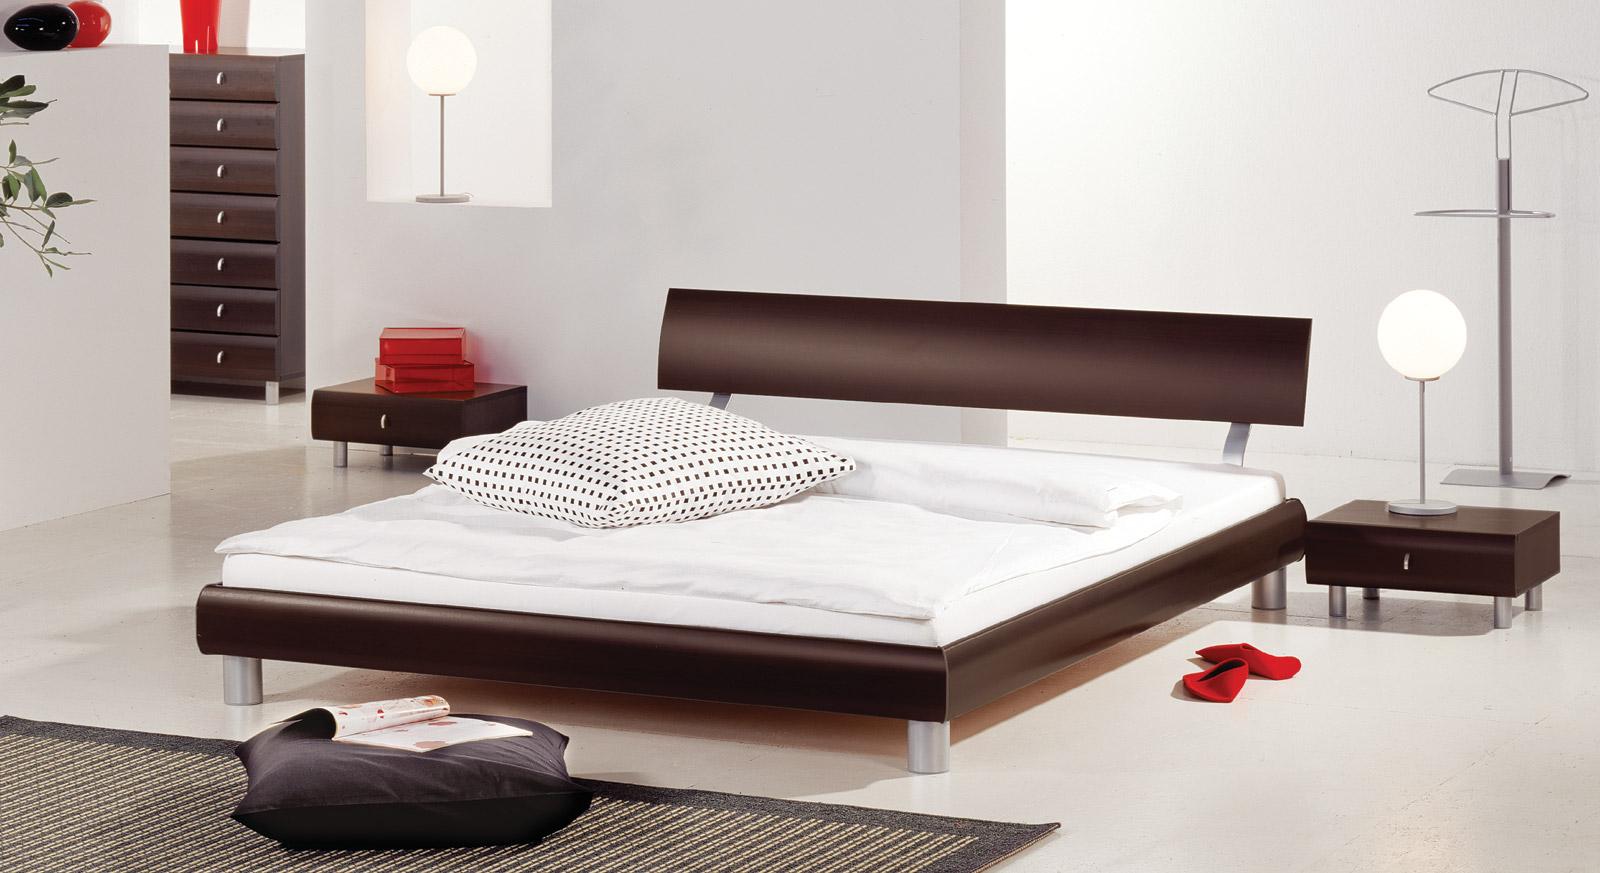 Full Size of Schlafzimmer Fr Studenten Einrichten Gestalten Bettende Bett Betten.de